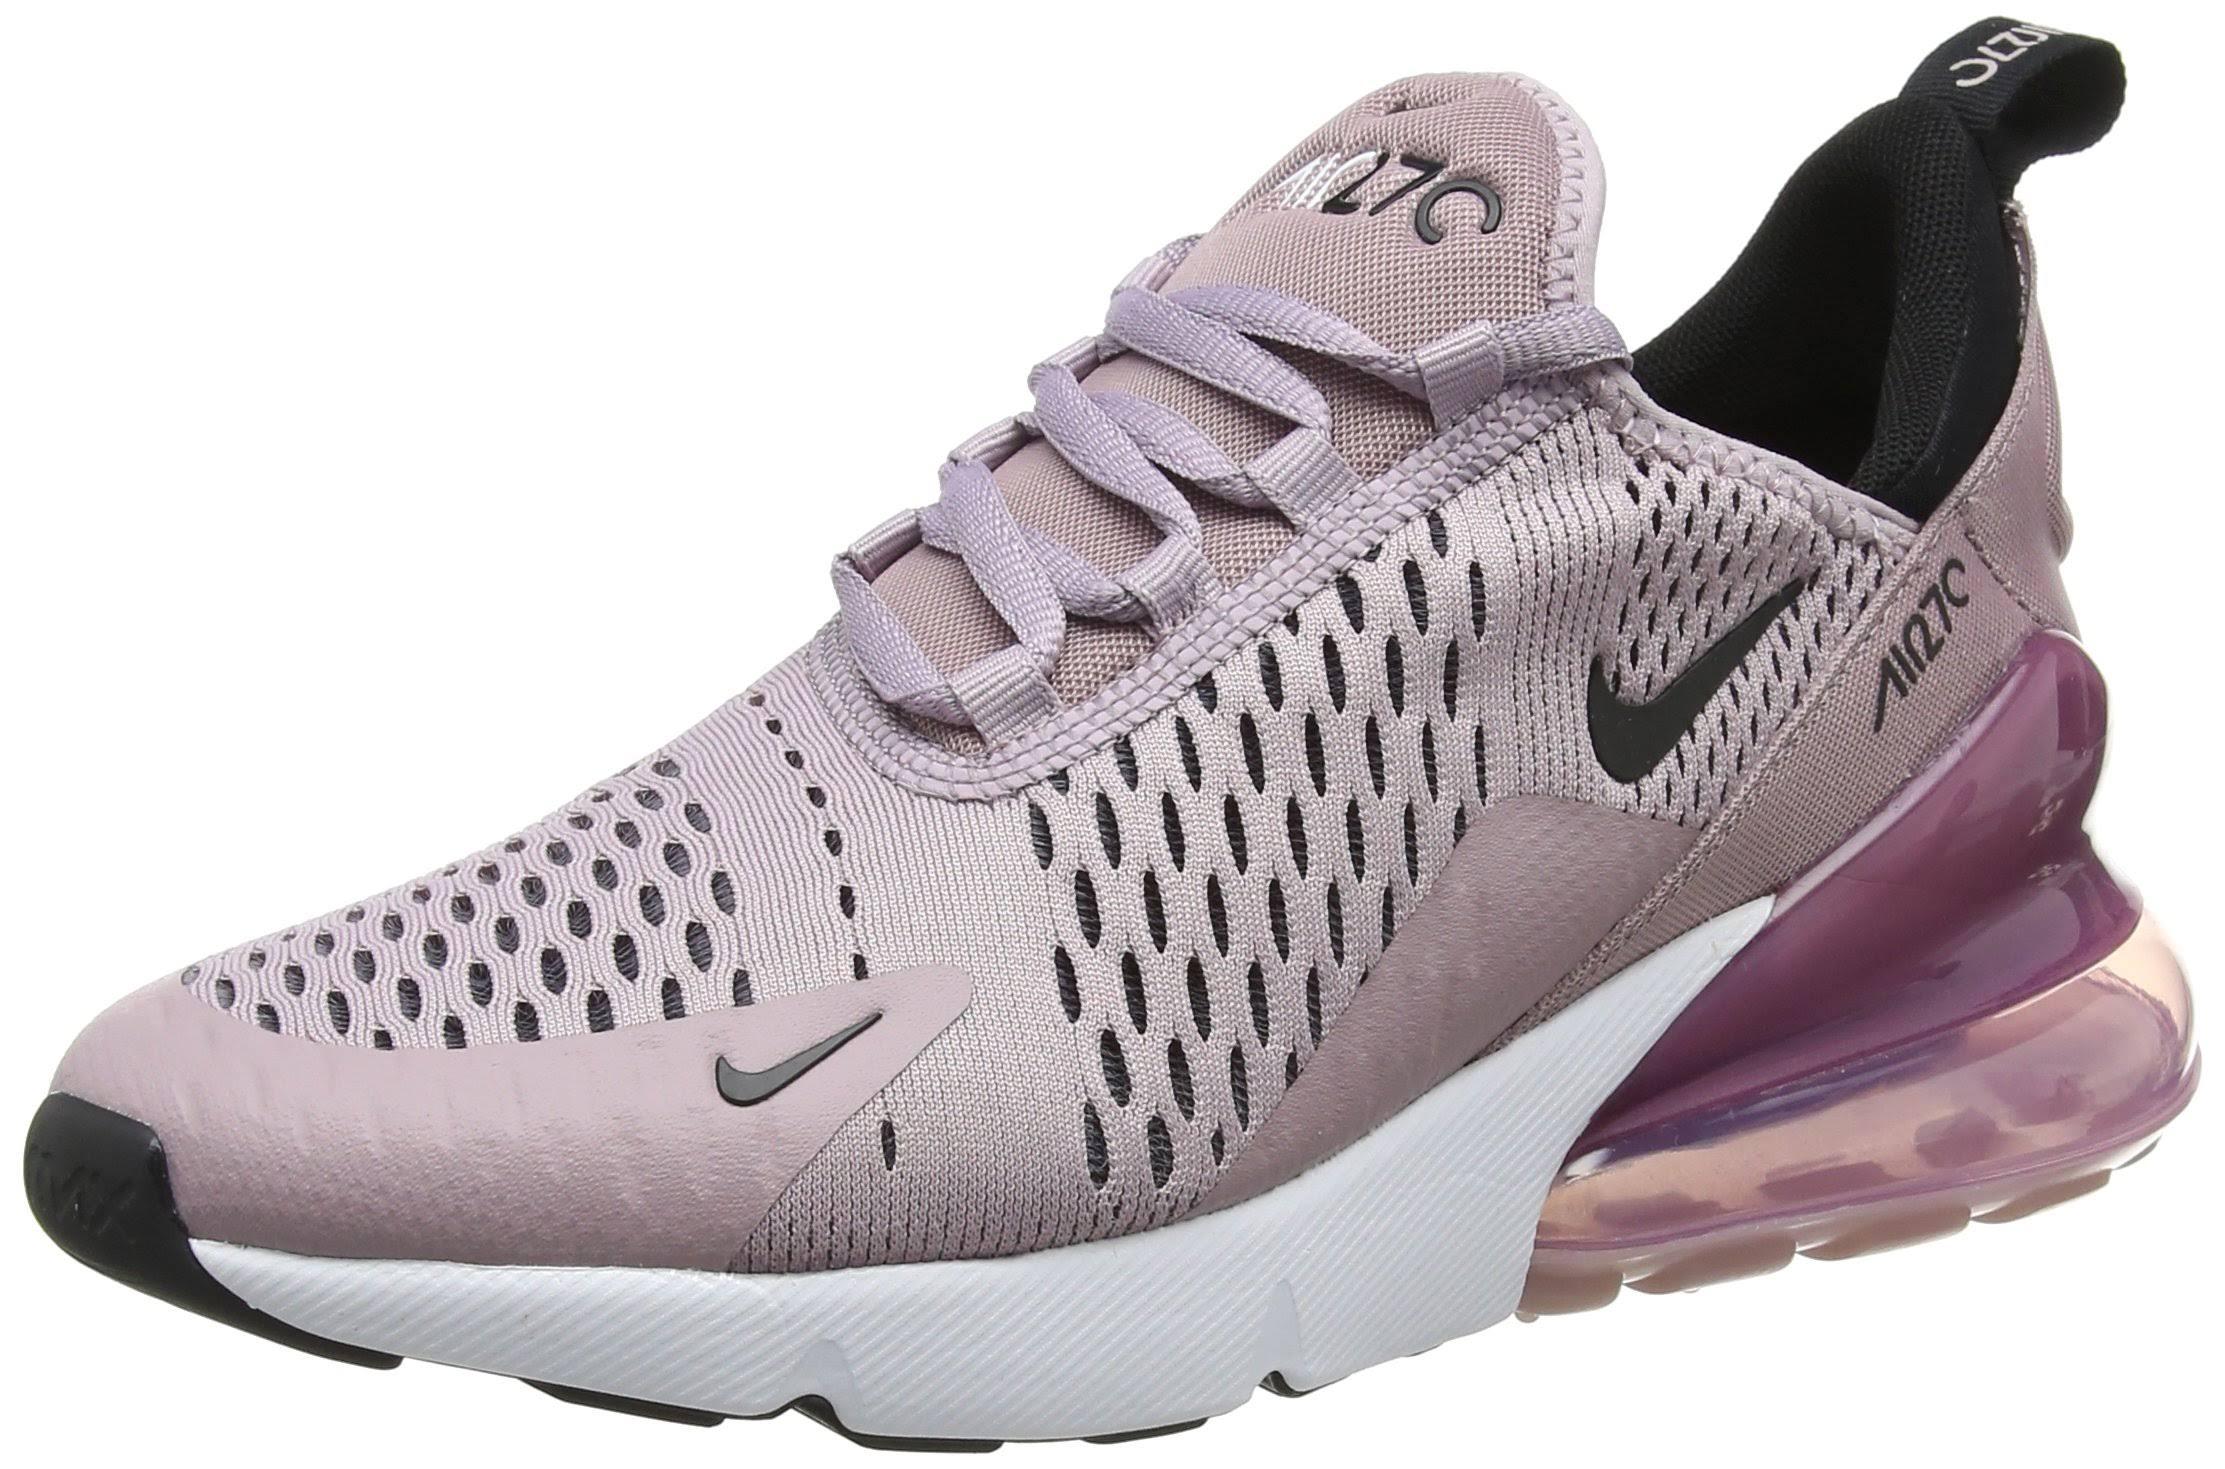 Niñas Grado De Para 943345601 0 270 Tamaño Max Calzado 7 Air Nike qwXZfpx